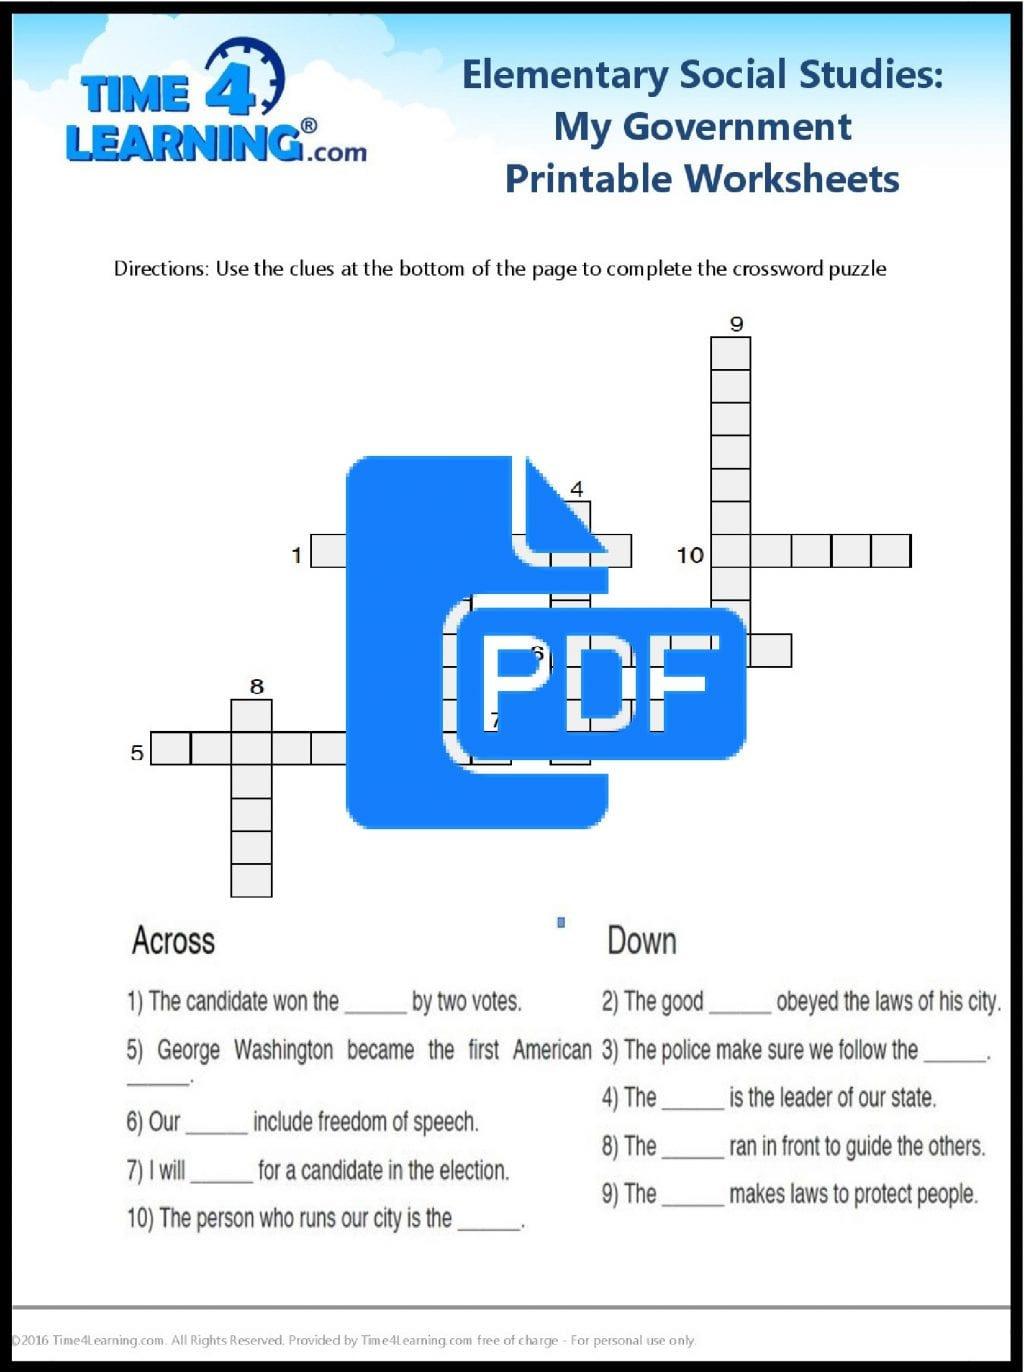 Free Ged Social Studies Worksheets — db excel.com